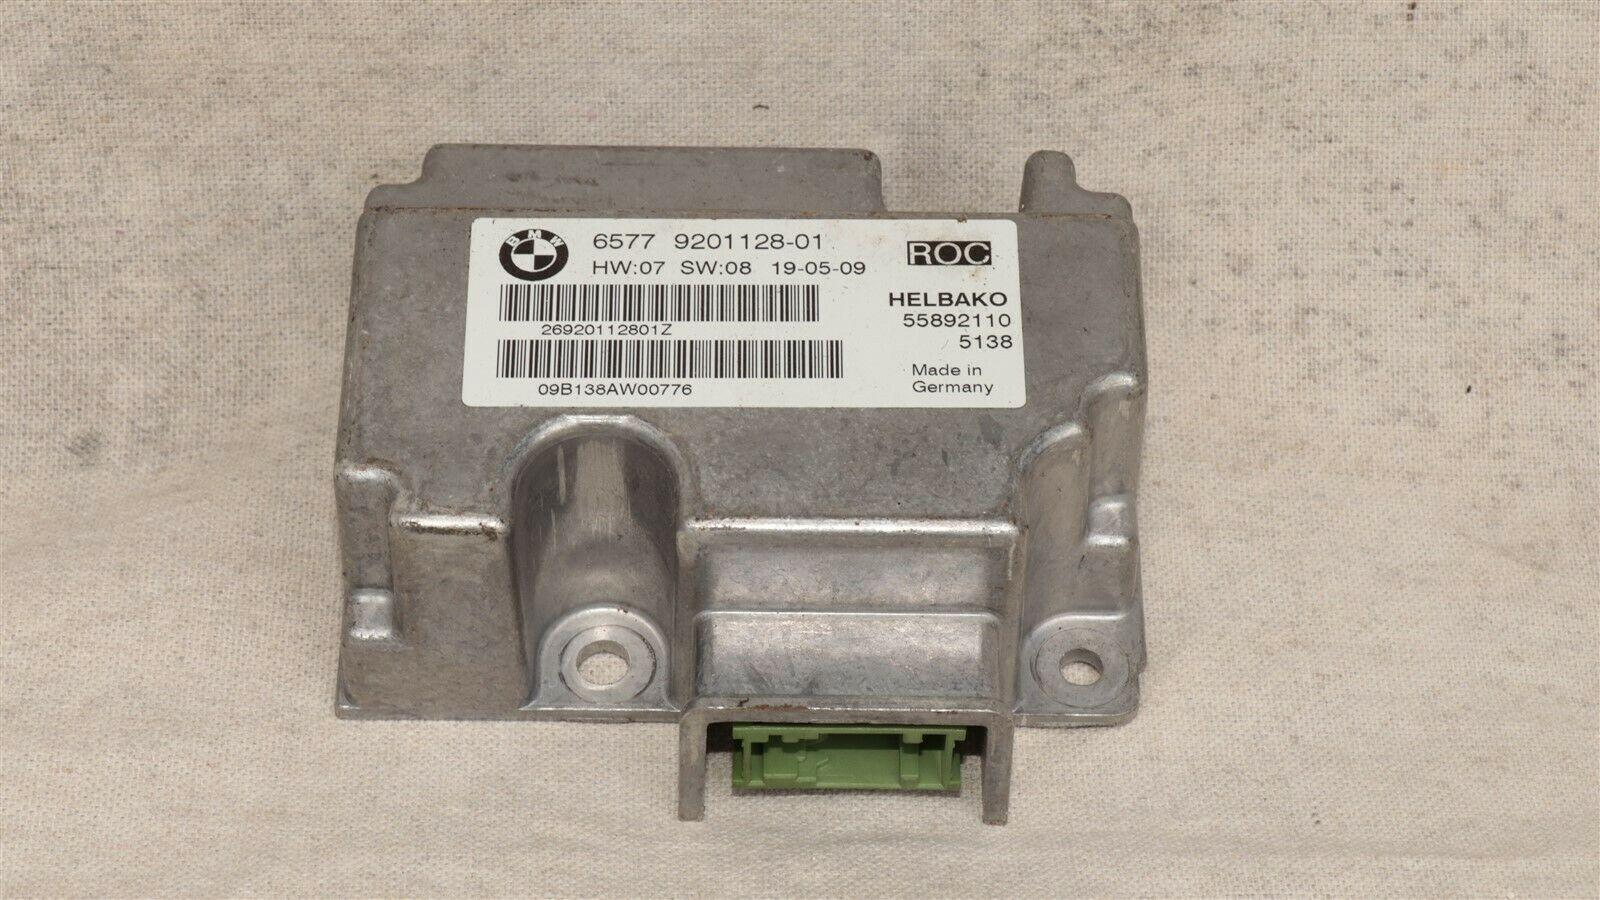 Mini Cooper Convertible Rollover Control Module ROC 6577-9201128-01, 55892110